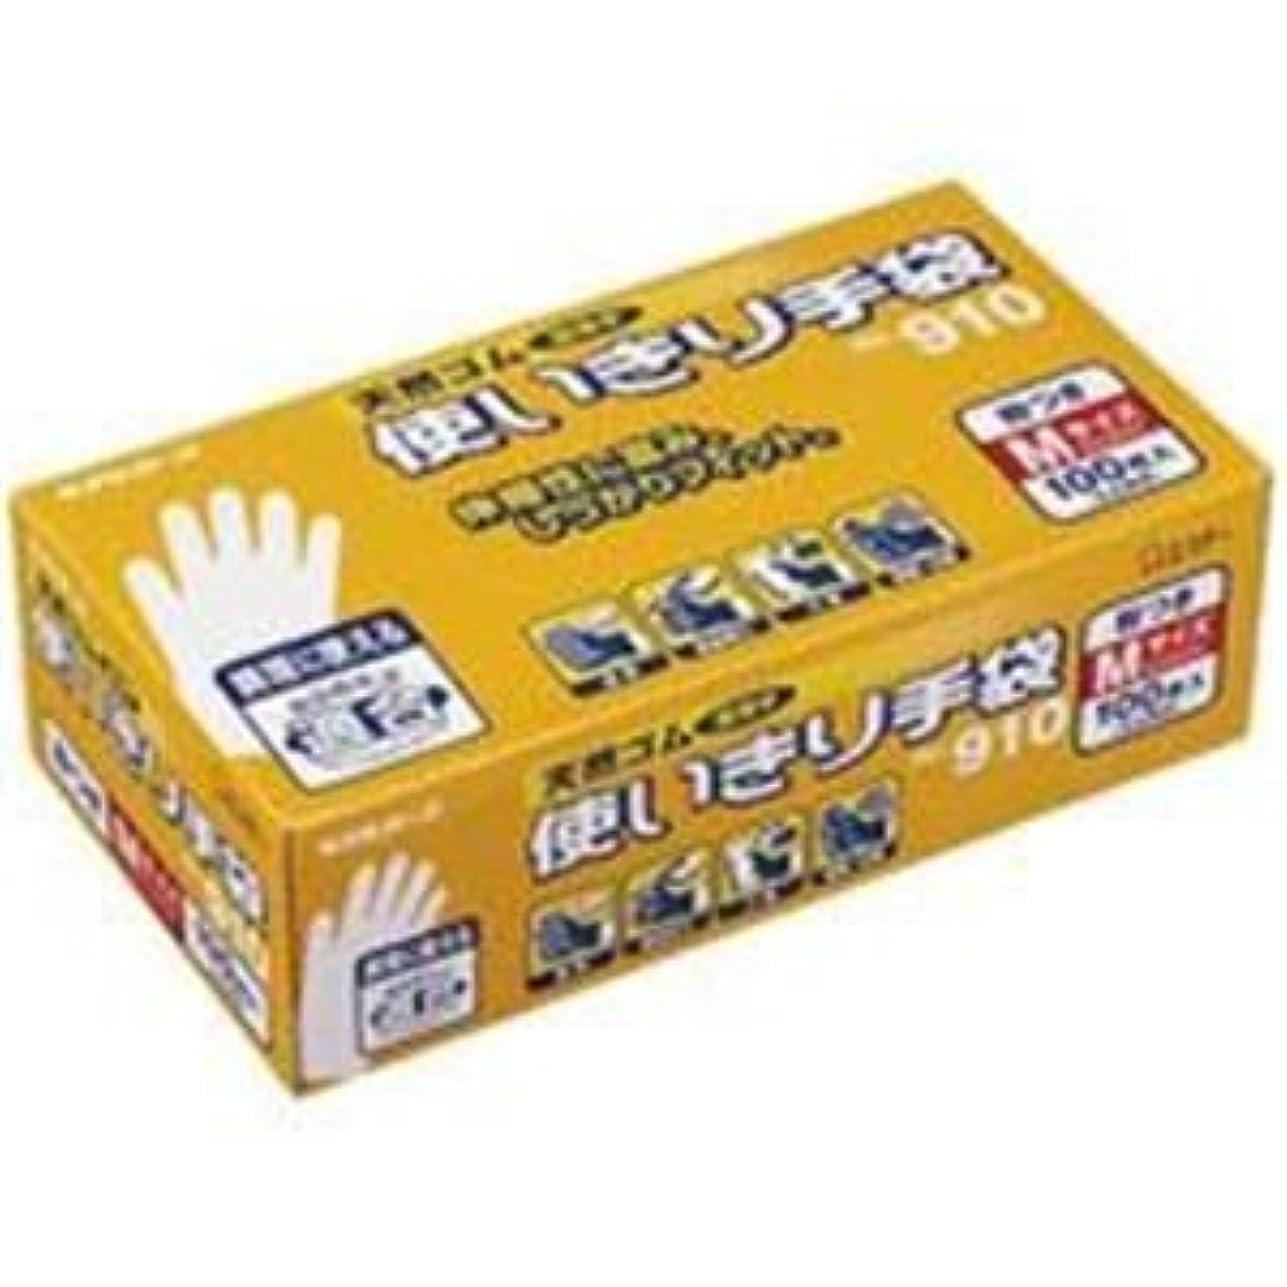 愛するオリエンタルインタフェースエステー 天然ゴム使い切り手袋 No.910 L 12箱